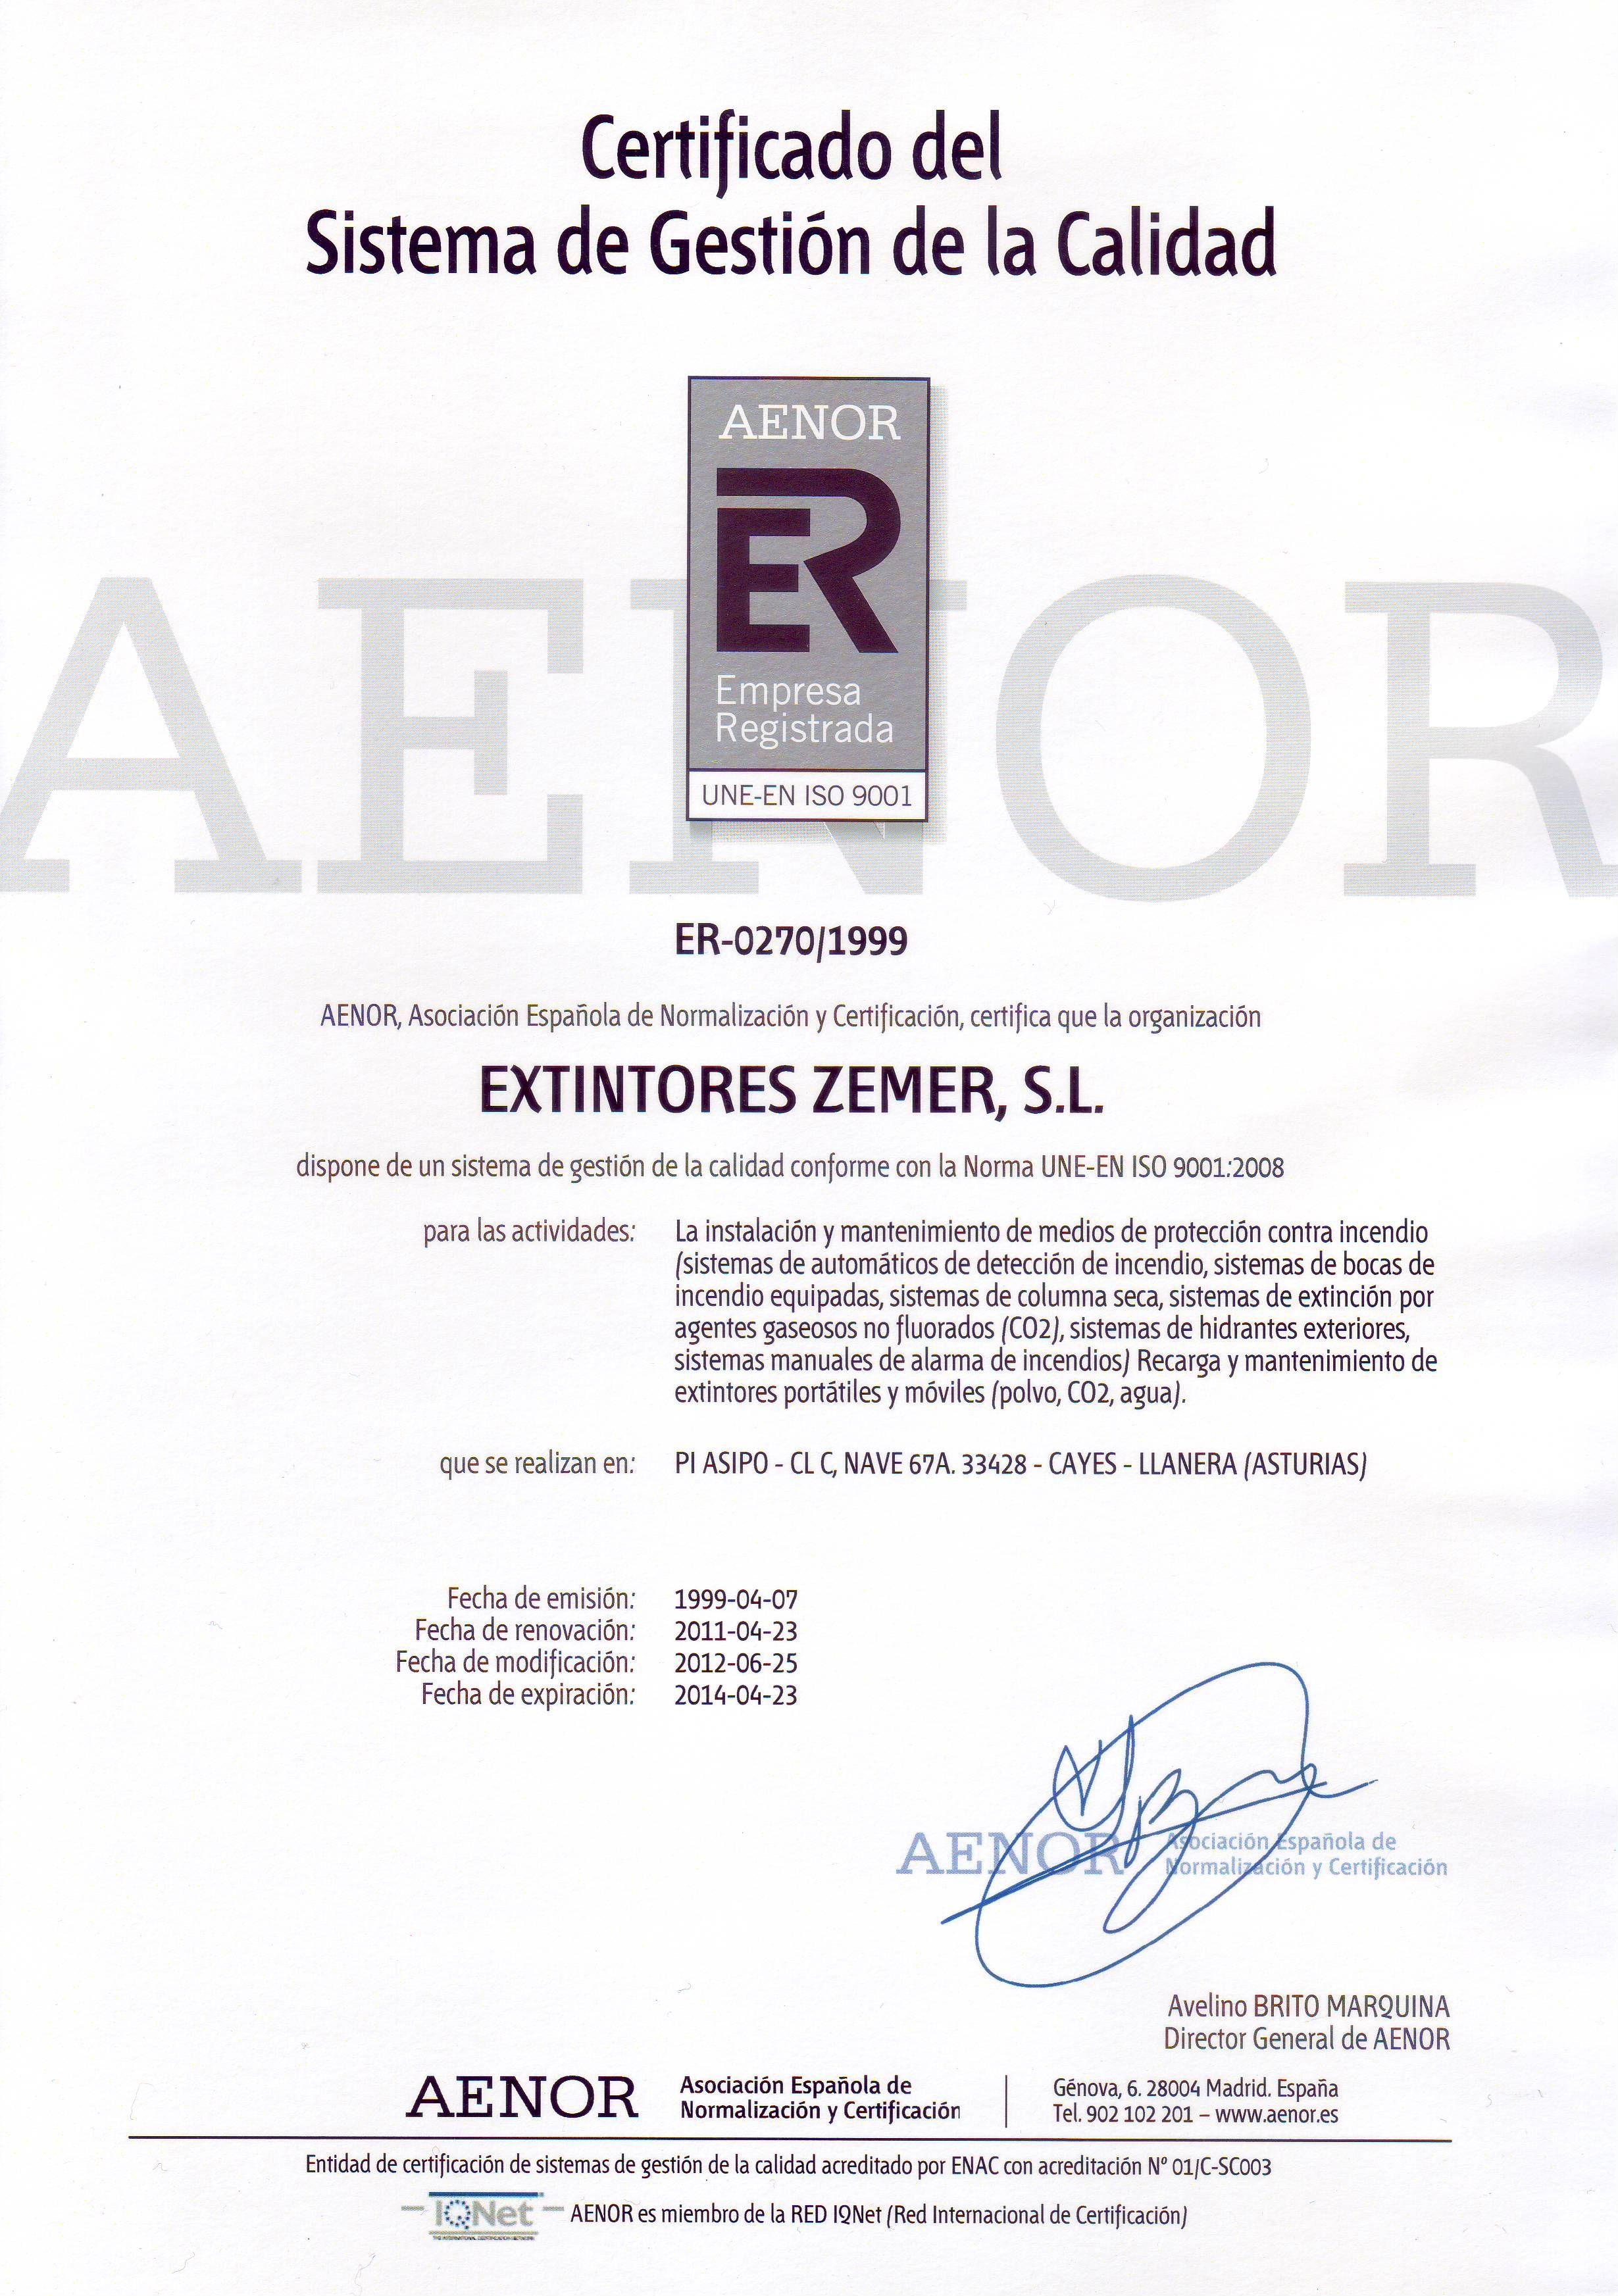 GESTION CALIDAD UNE-EN-ISO 9001.2008 Nº ER-270